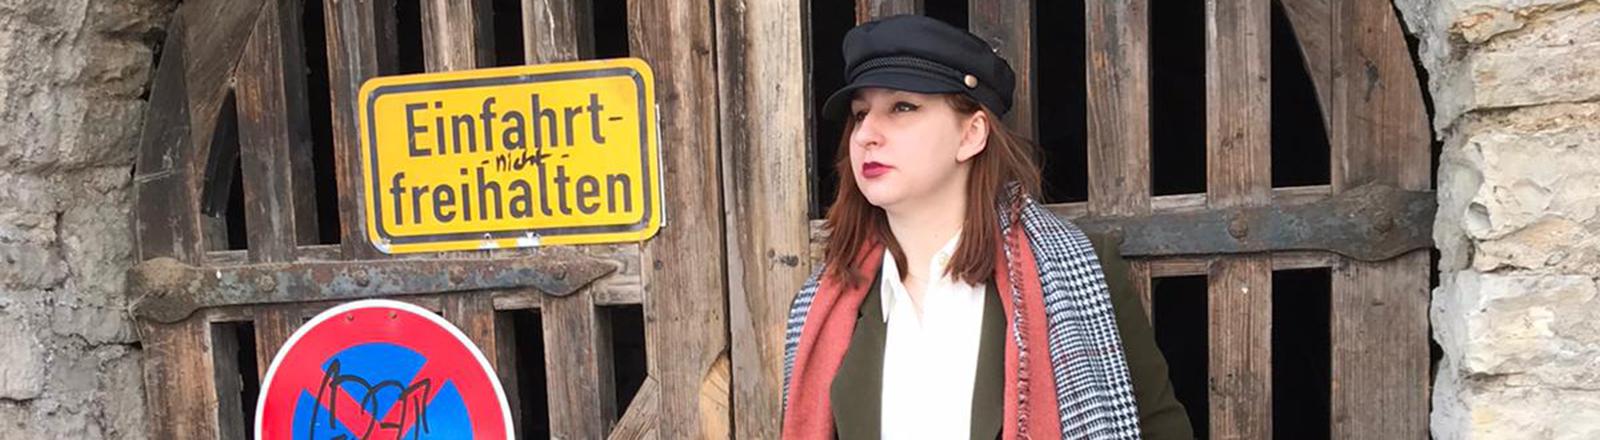 Eine Frau mit Hut steht vor einem Tor mit einem Schild.